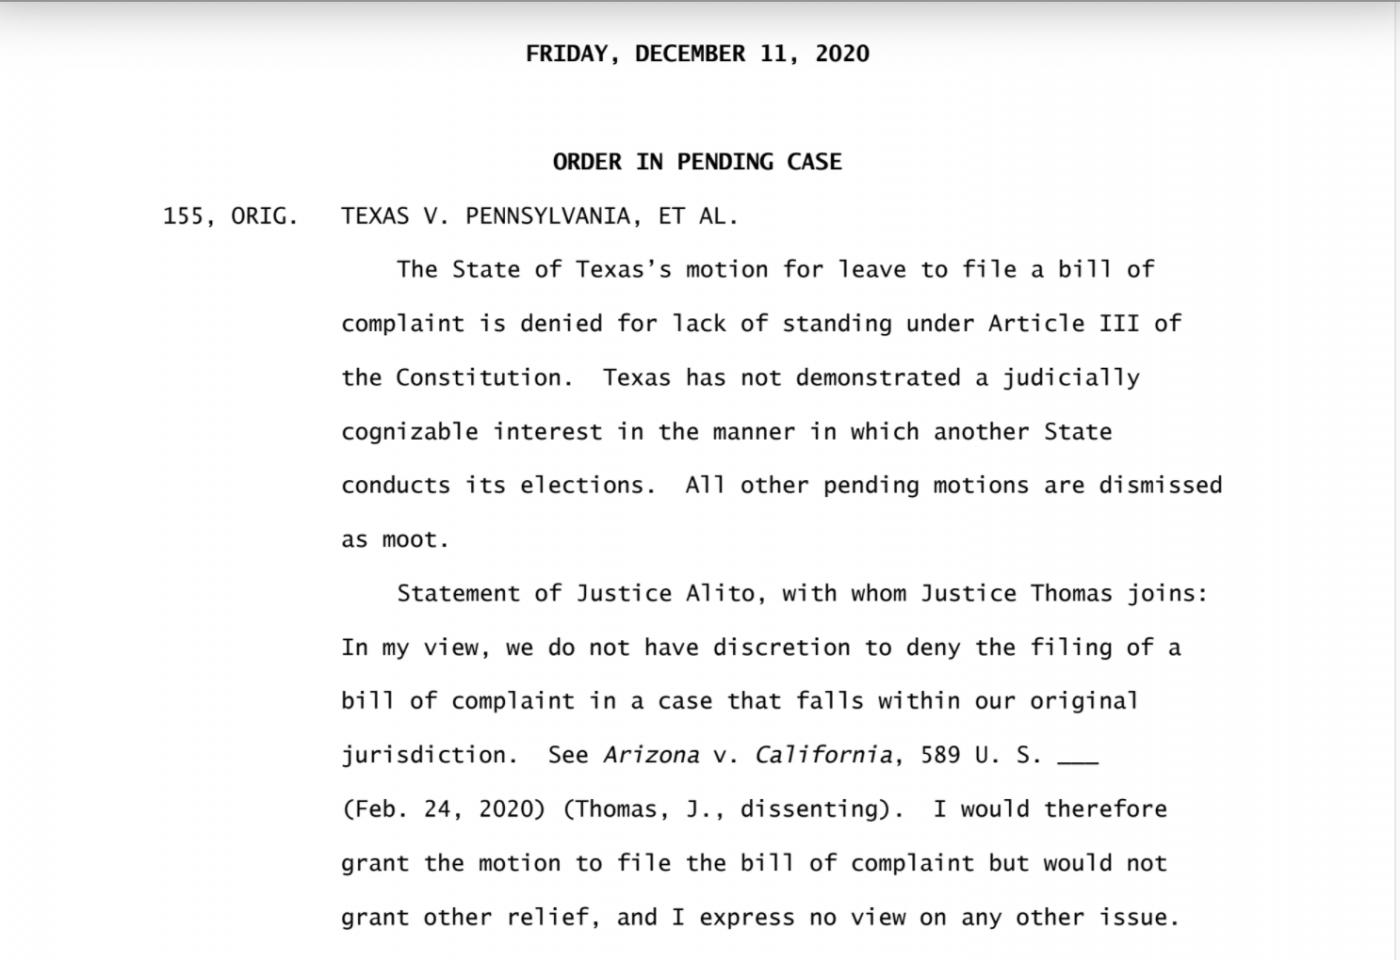 美国最高法院作出裁决结束宪政危机_图1-1